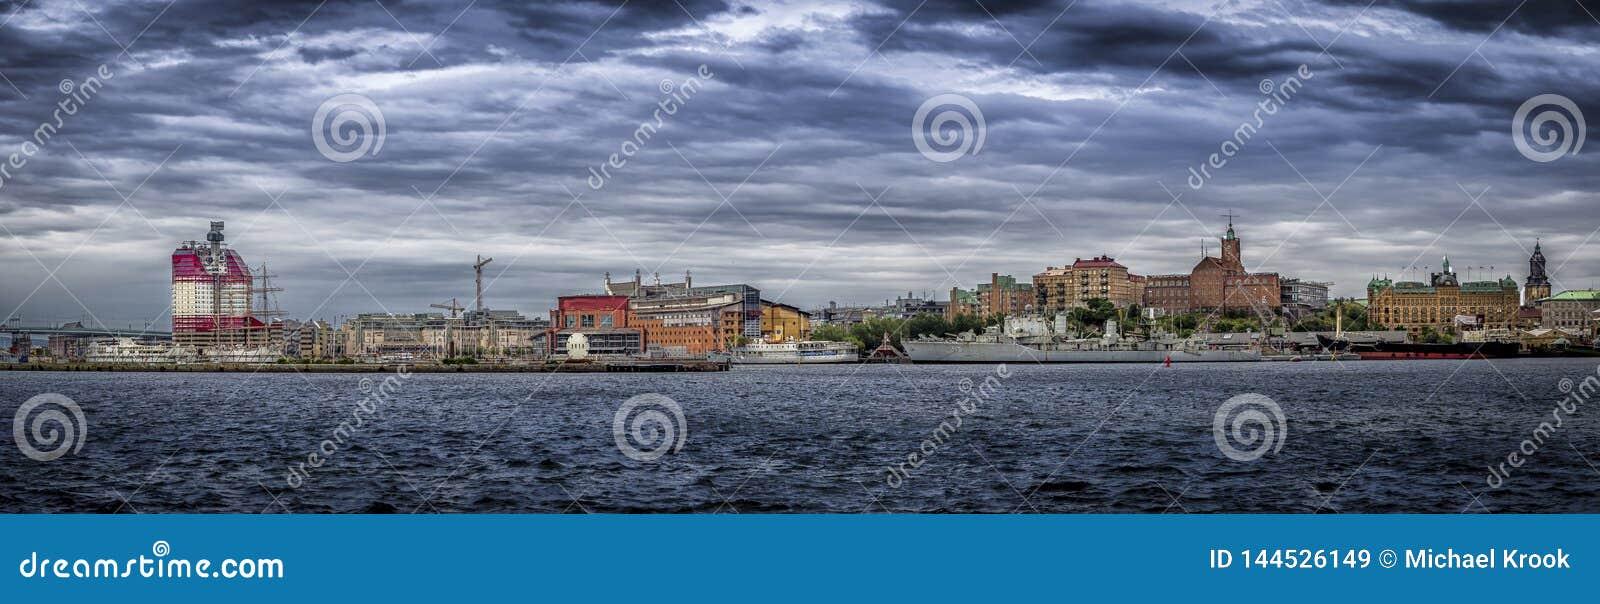 Paysage urbain de Gothenburg